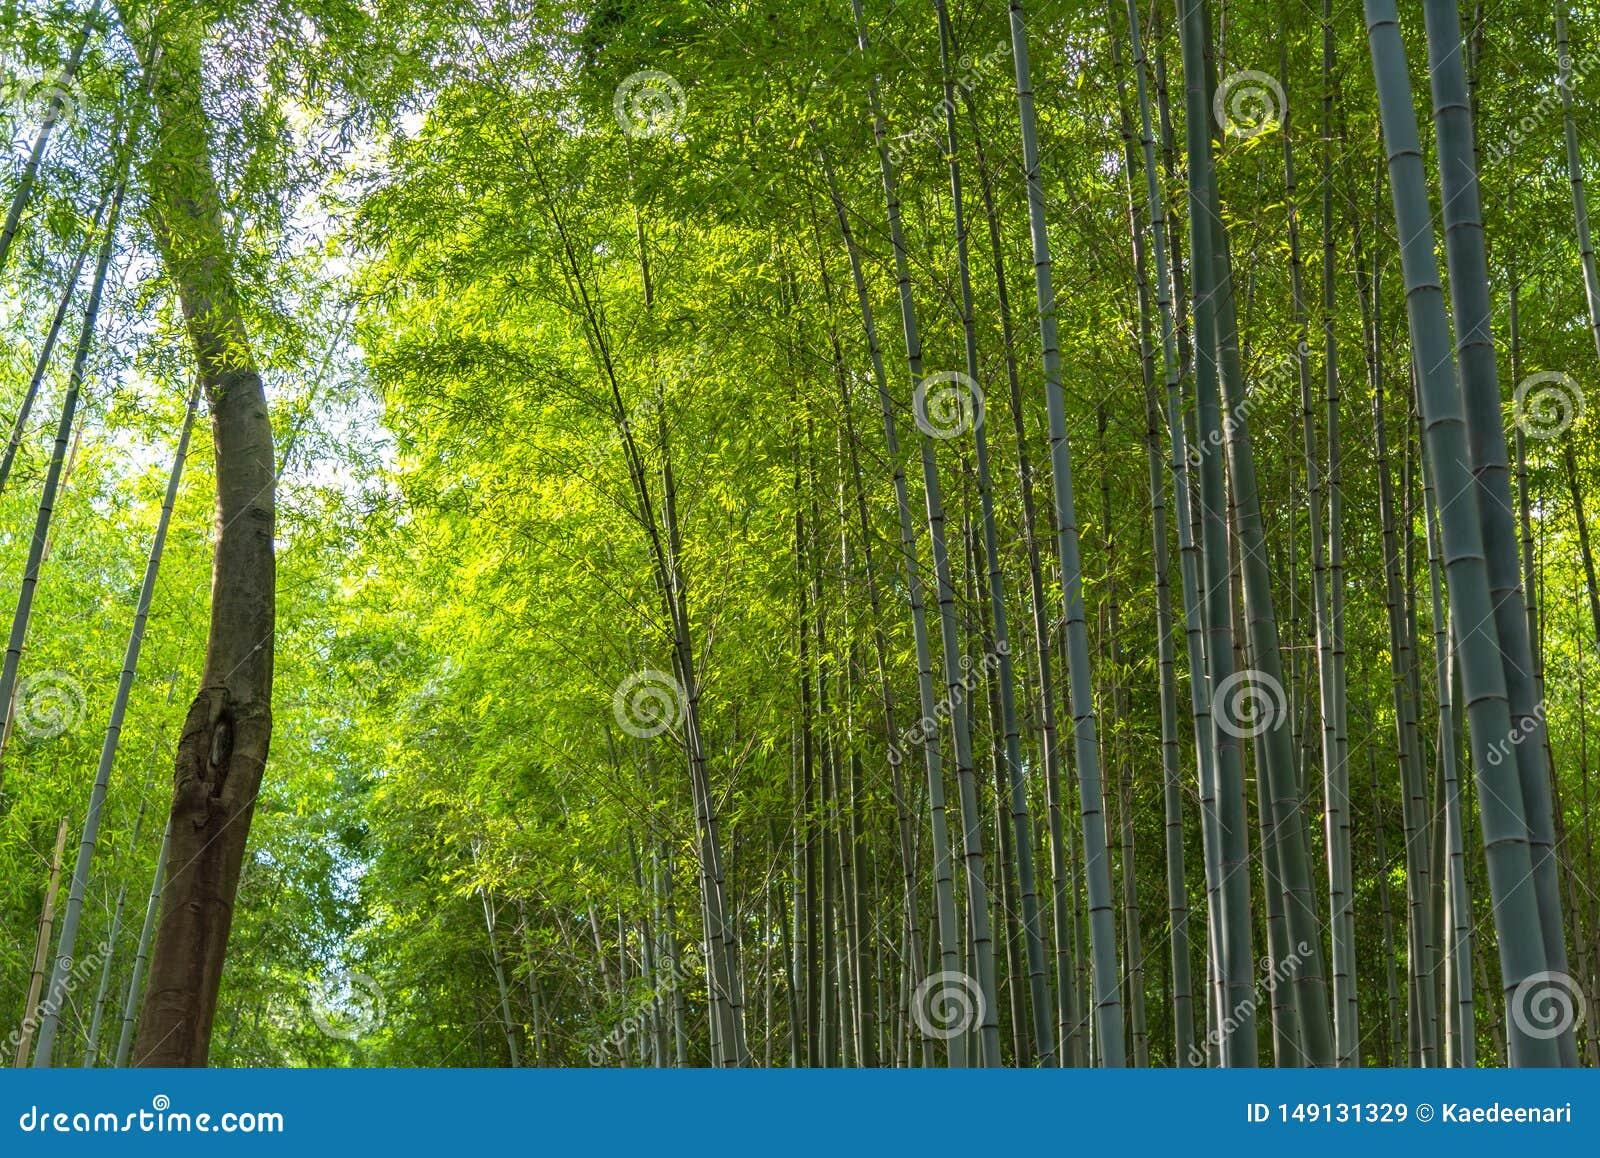 Сад дзэна рощи Arashiyama бамбуковый, естественный лес бамбука в Arashiyama, Киото